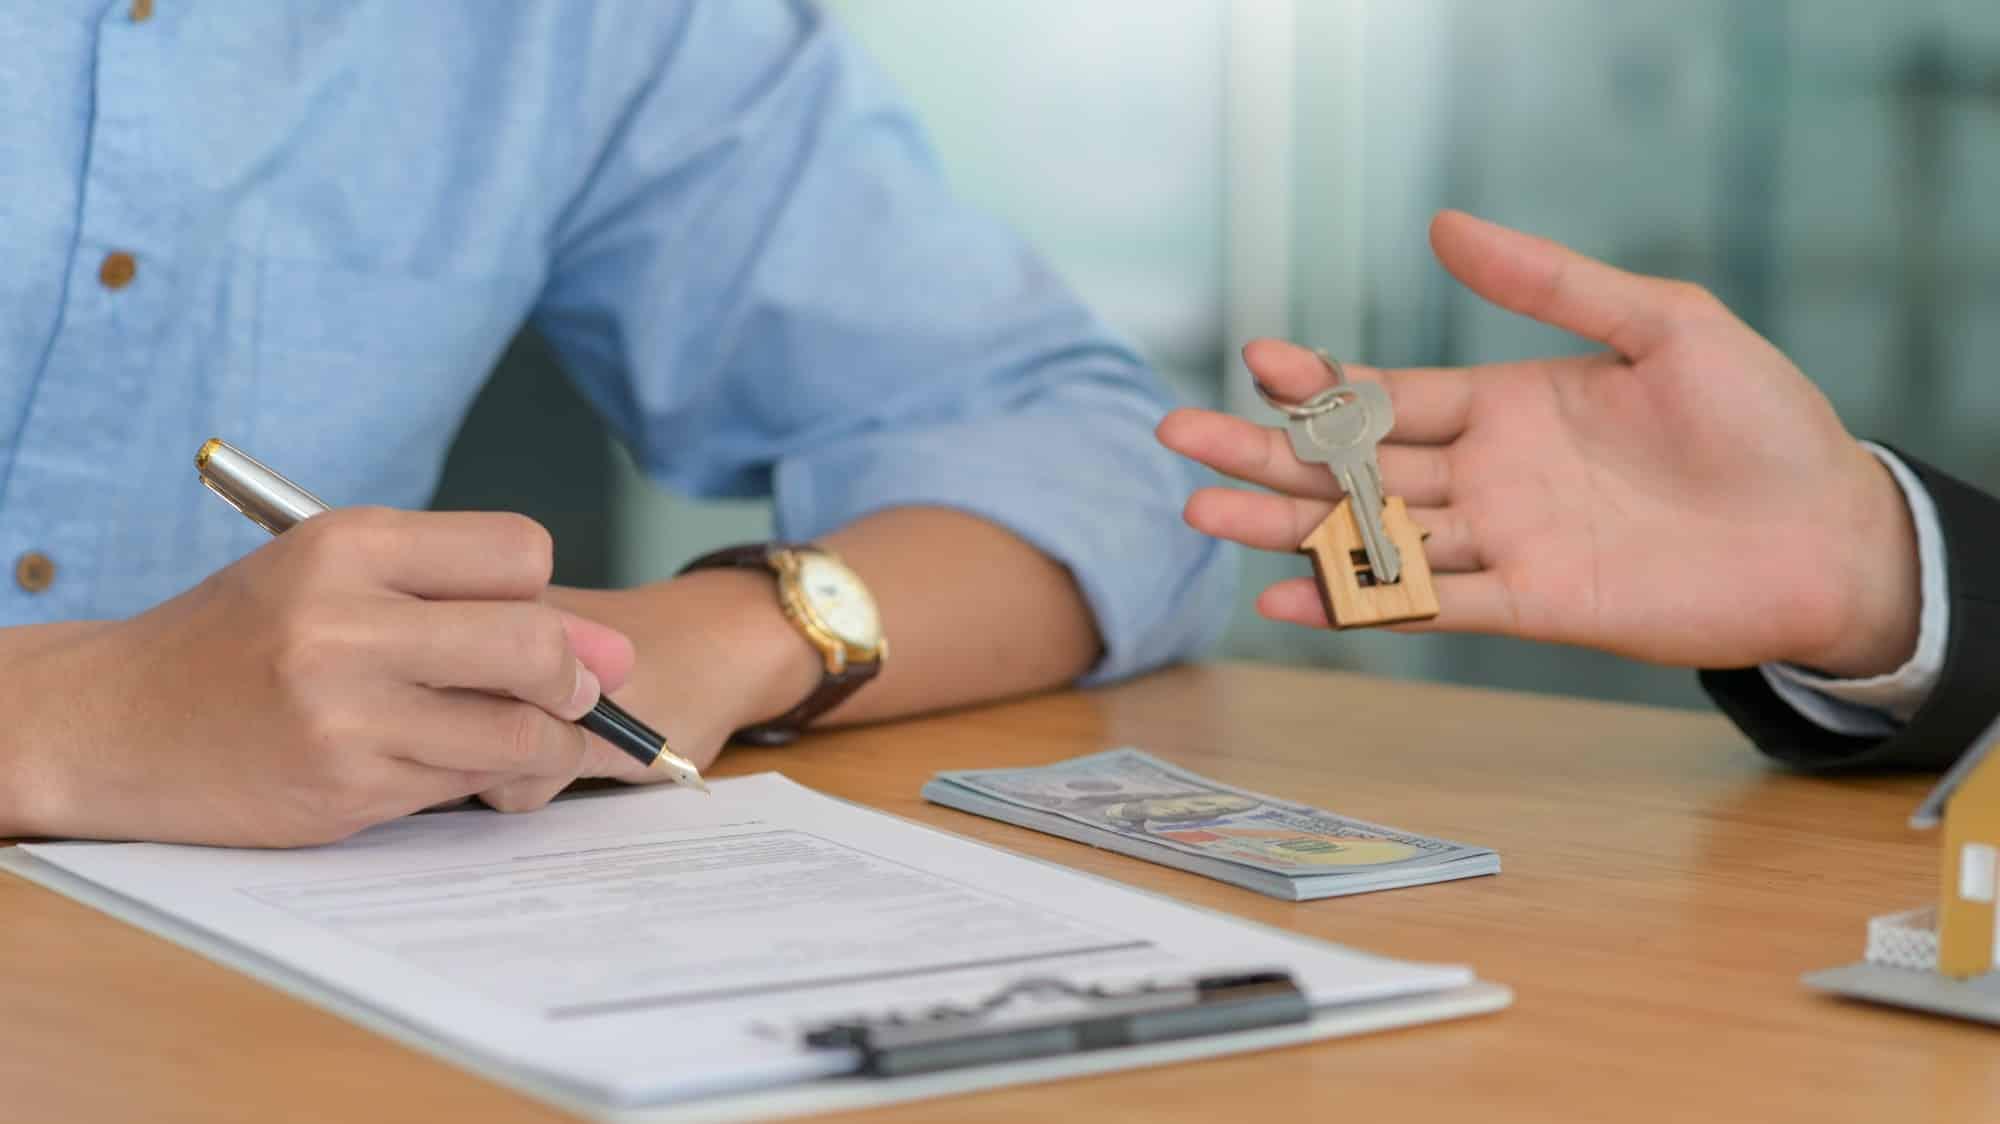 procéder à la résiliation d'une assurance habitation suite à la vente d'un bien